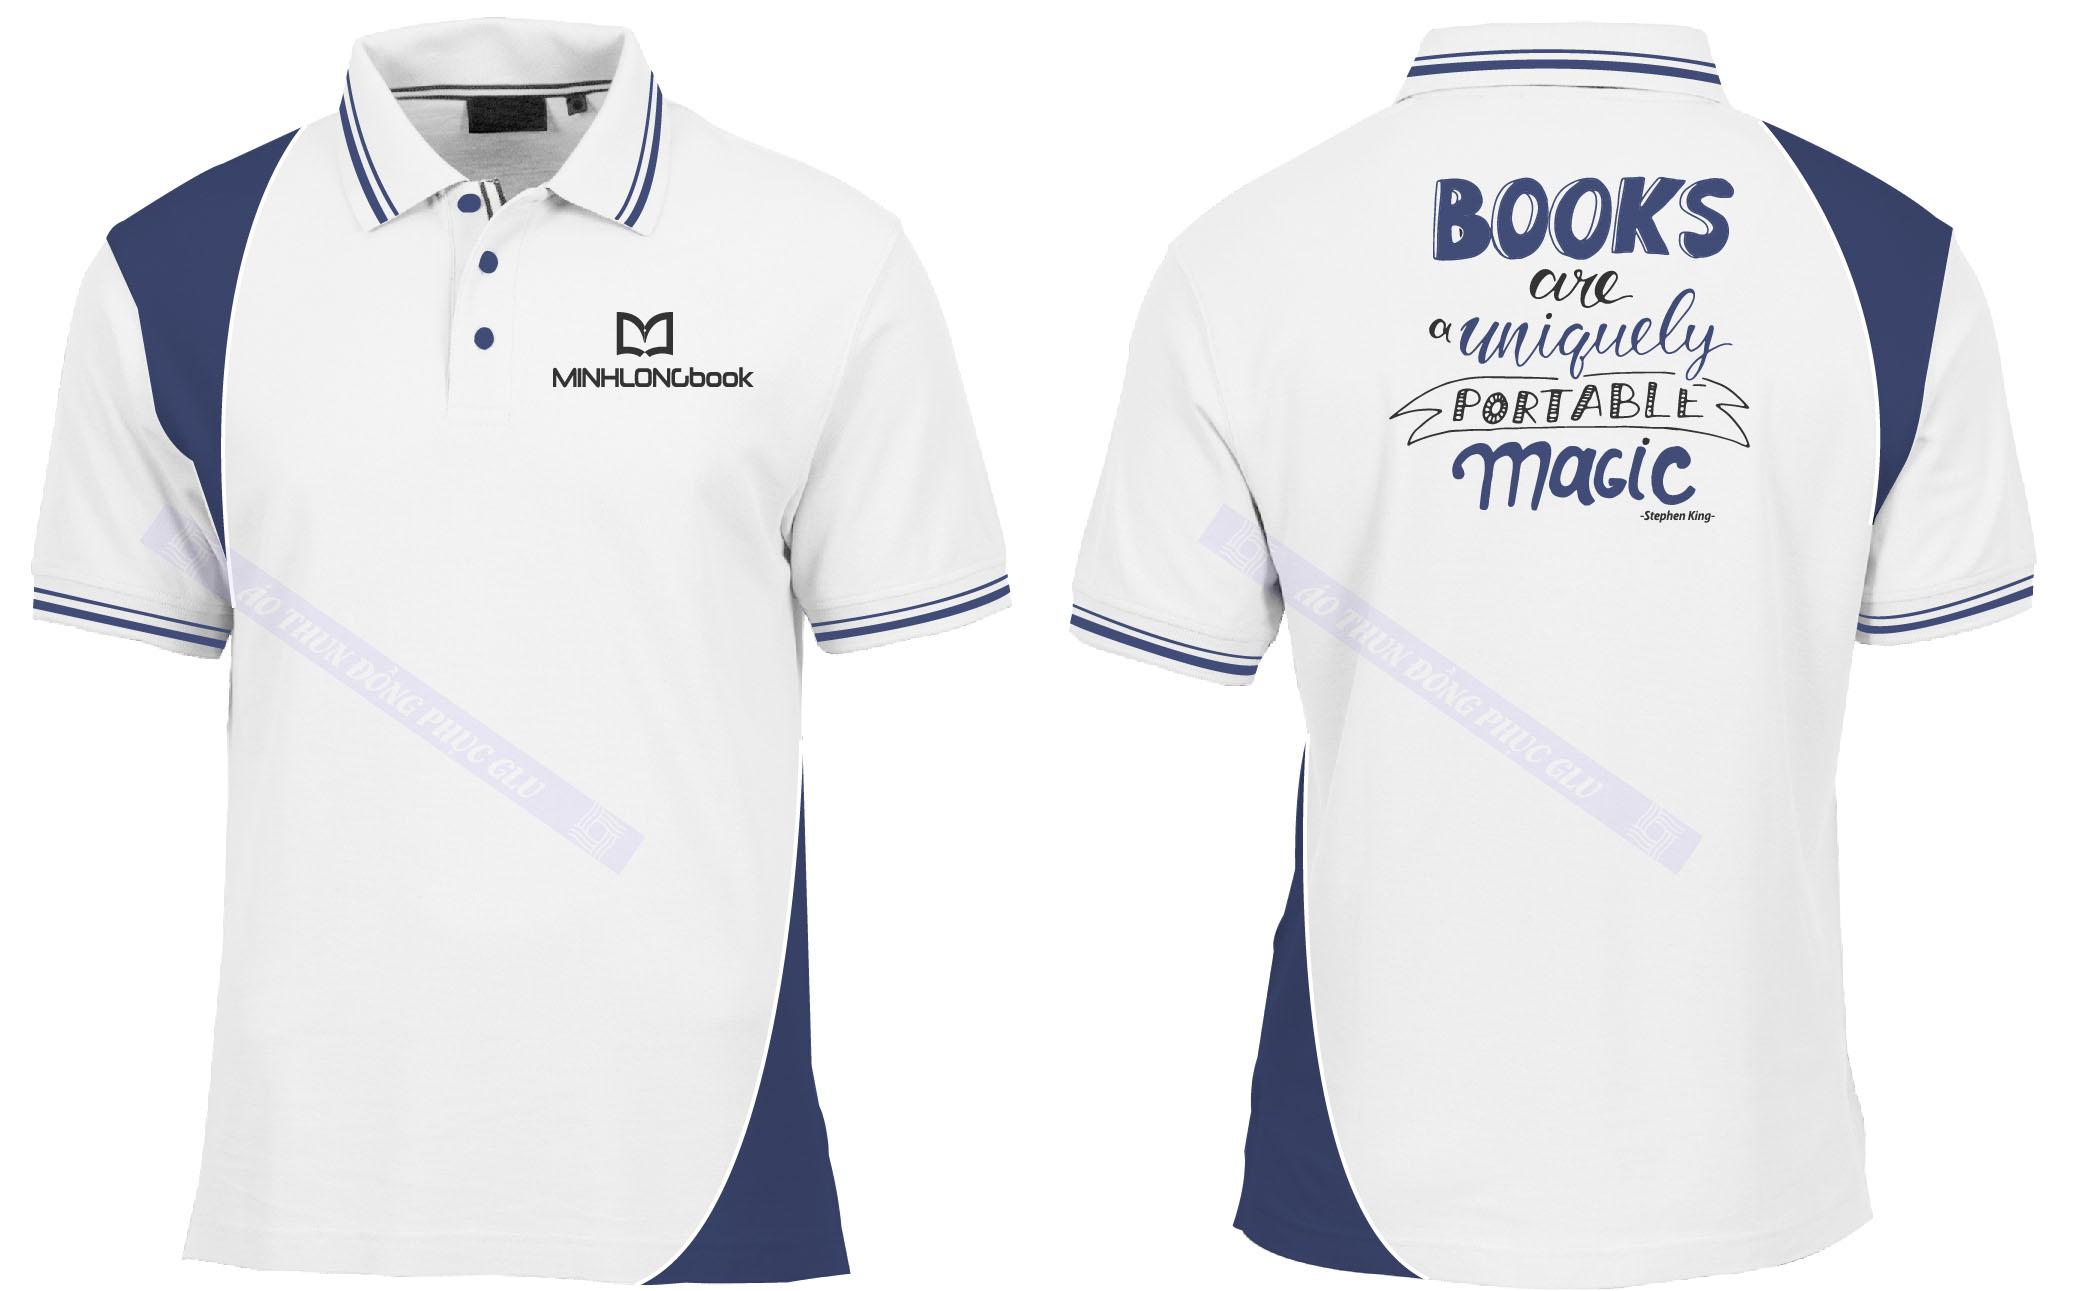 AO THUN MINH LONG BOOK 2 đồng phục công ty đẹp